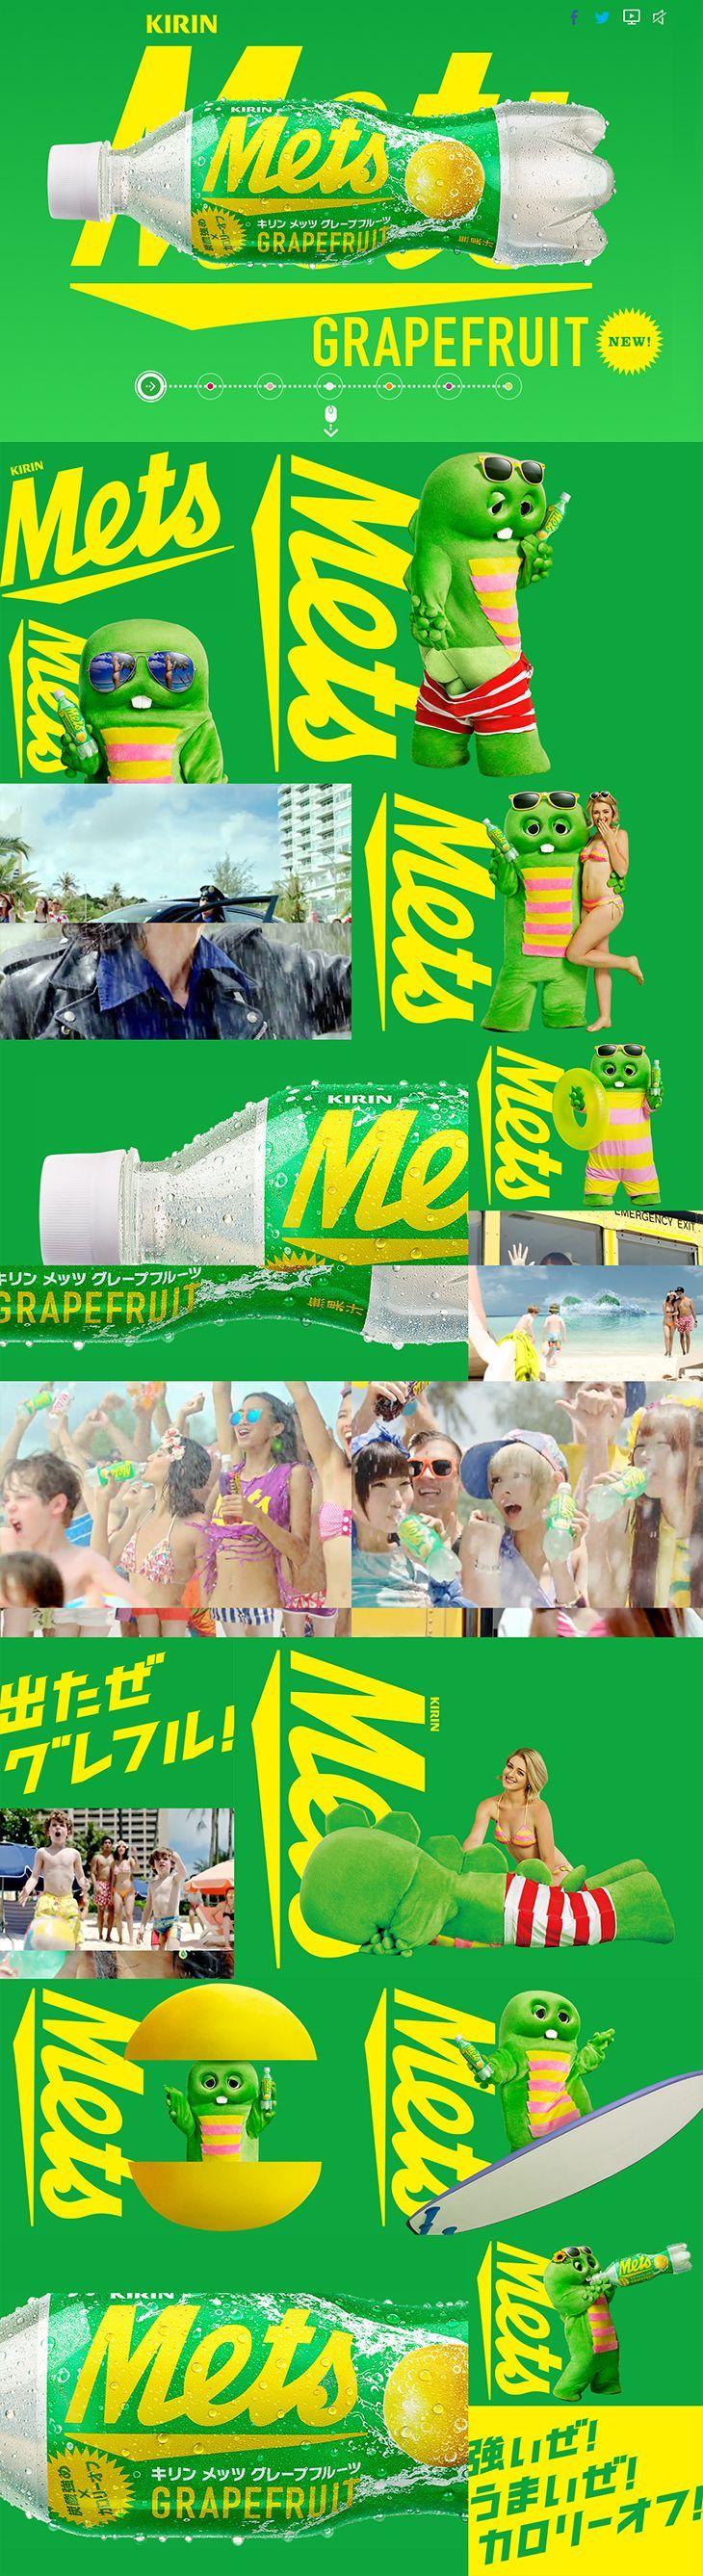 Mets グレープフルーツ